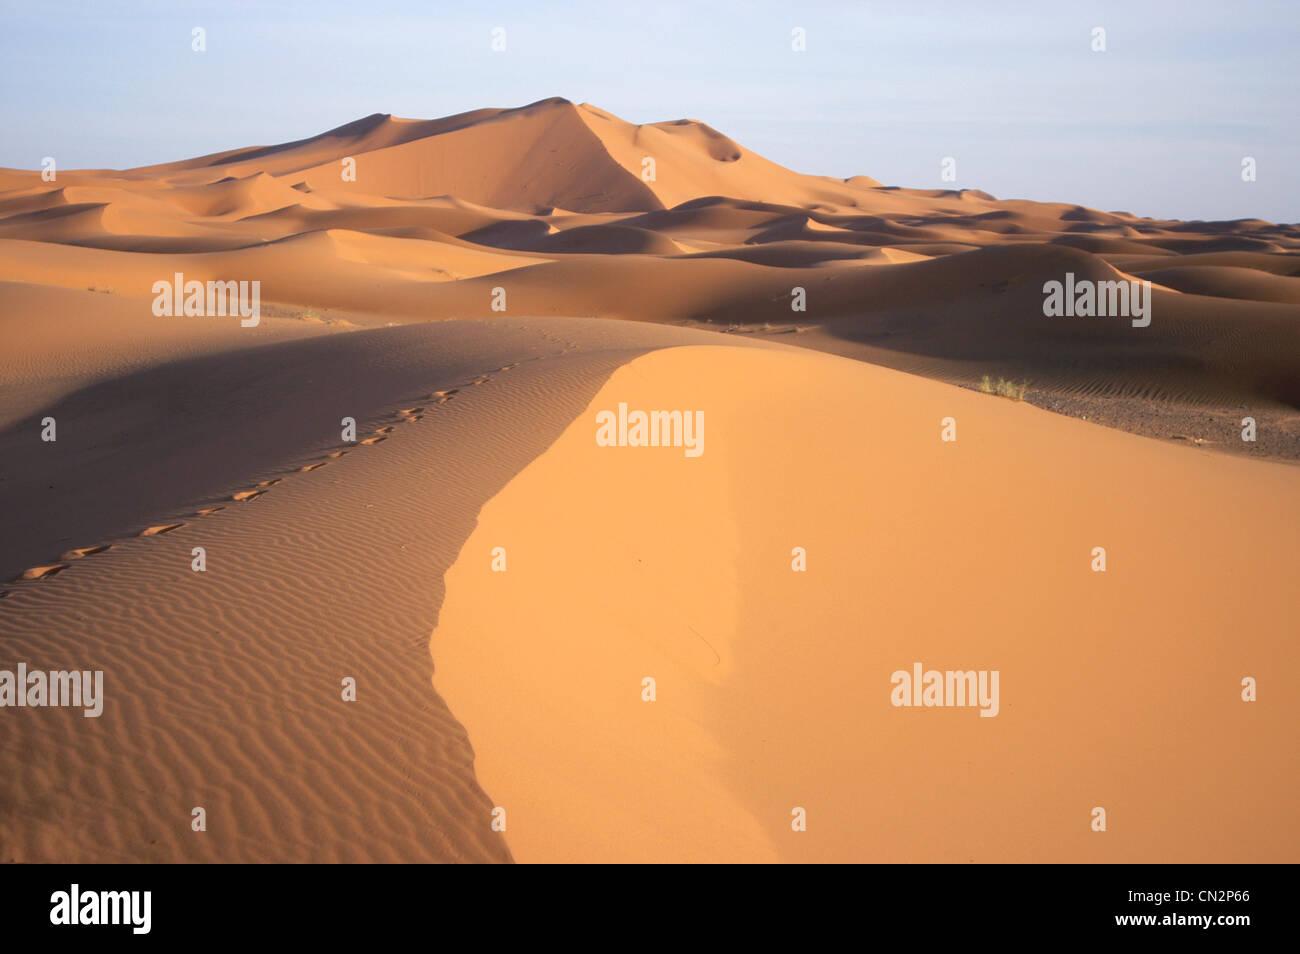 Huellas en el desierto, Marruecos, Norte de África Imagen De Stock